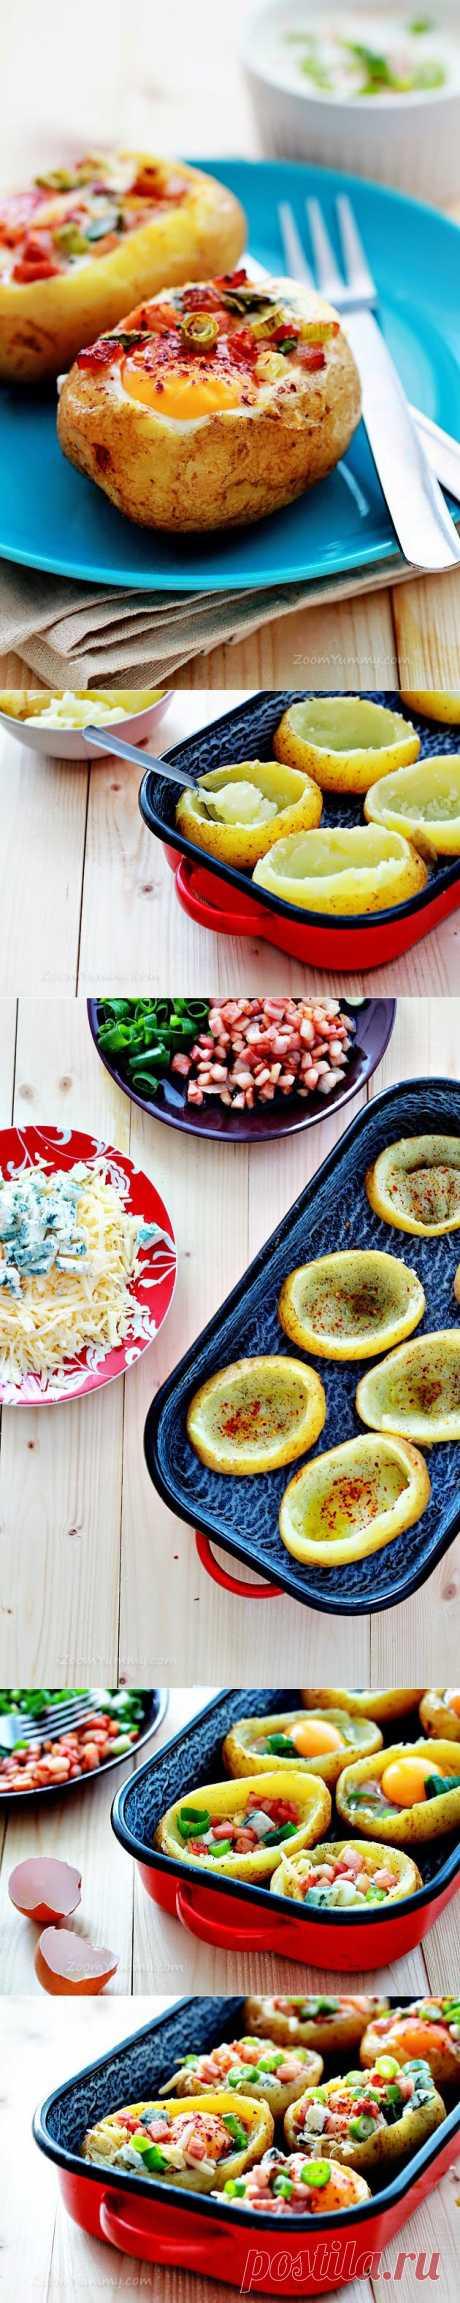 InVkus: Запеченная картошка с аппетитной начинкой.  Мне очень понравилась идея этого рецепта. Он дает волю кулинарной фантазии. Здесь 2 главных компонента - картофель и яйцо. Остальные ингредиенты - это ваши гастрономические предпочтения и содержимое холодильника. Блюдо получается очень сытным. Пошаговый рецепт с фотографиями запеченной картошки с начинкой.